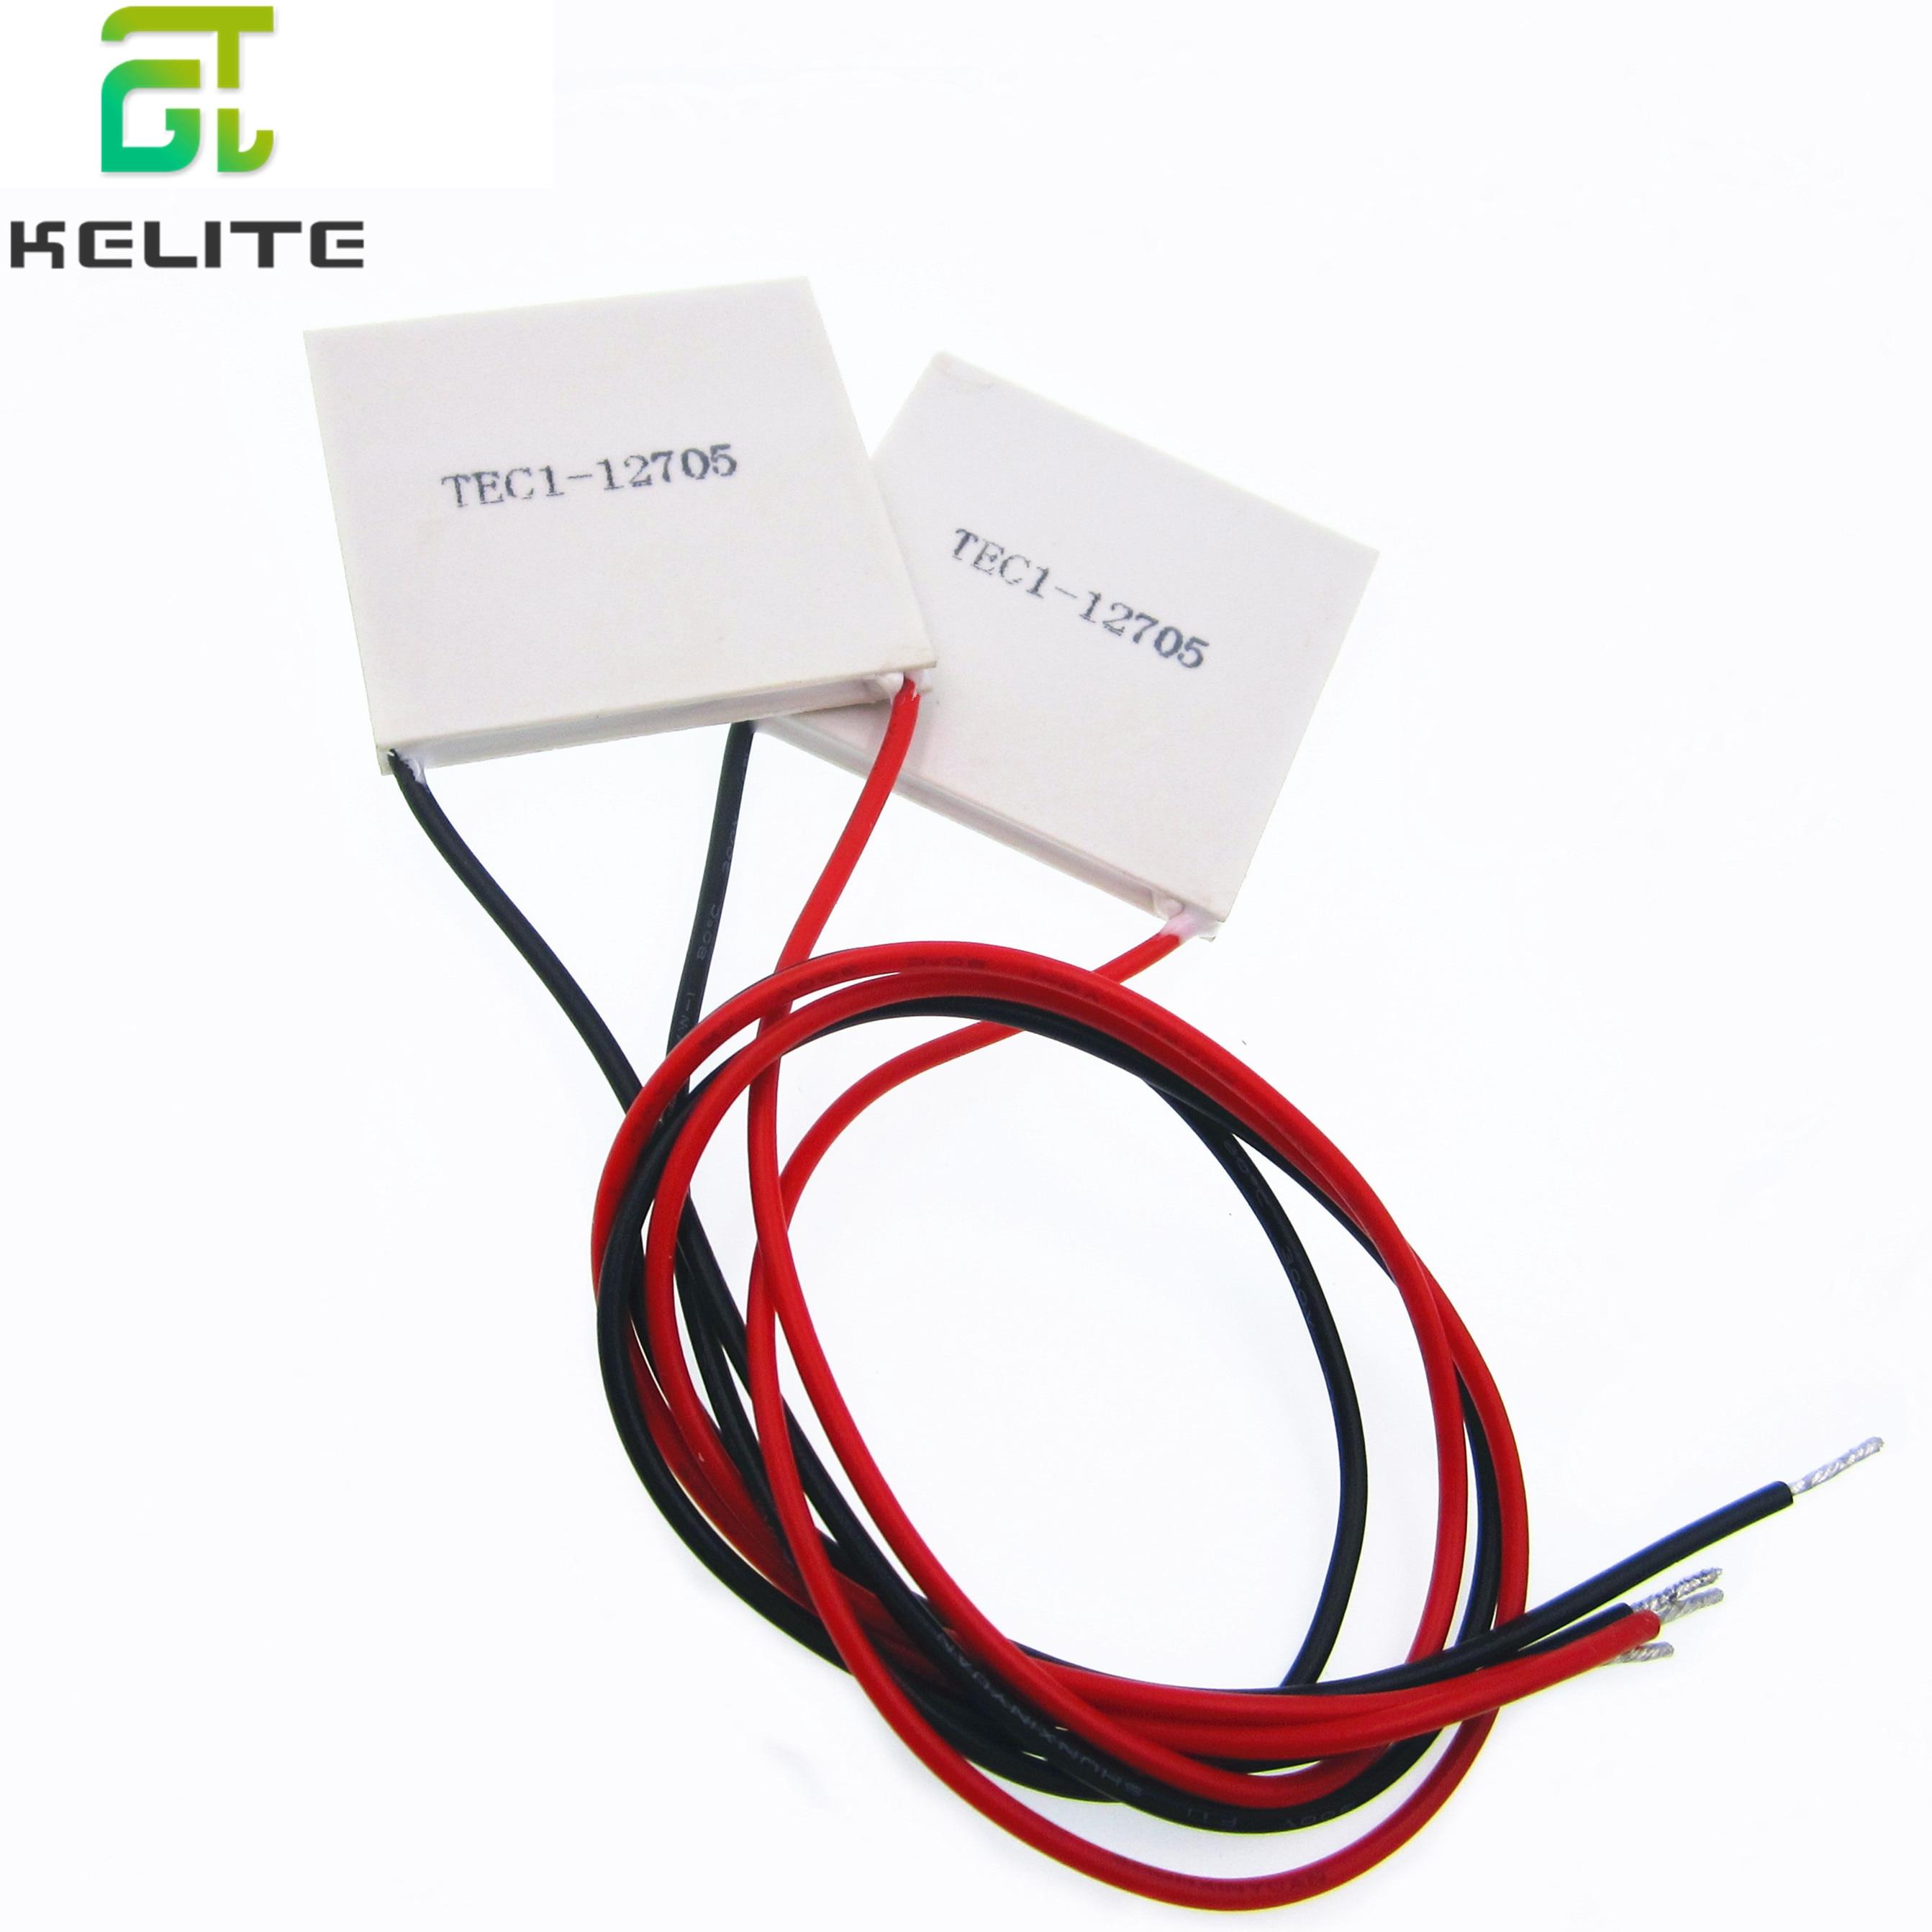 2 шт. /лот холодильной изоляционная прокладка из защитные прокладки для TEC1-12706 TEC1-12703 tec1-12709